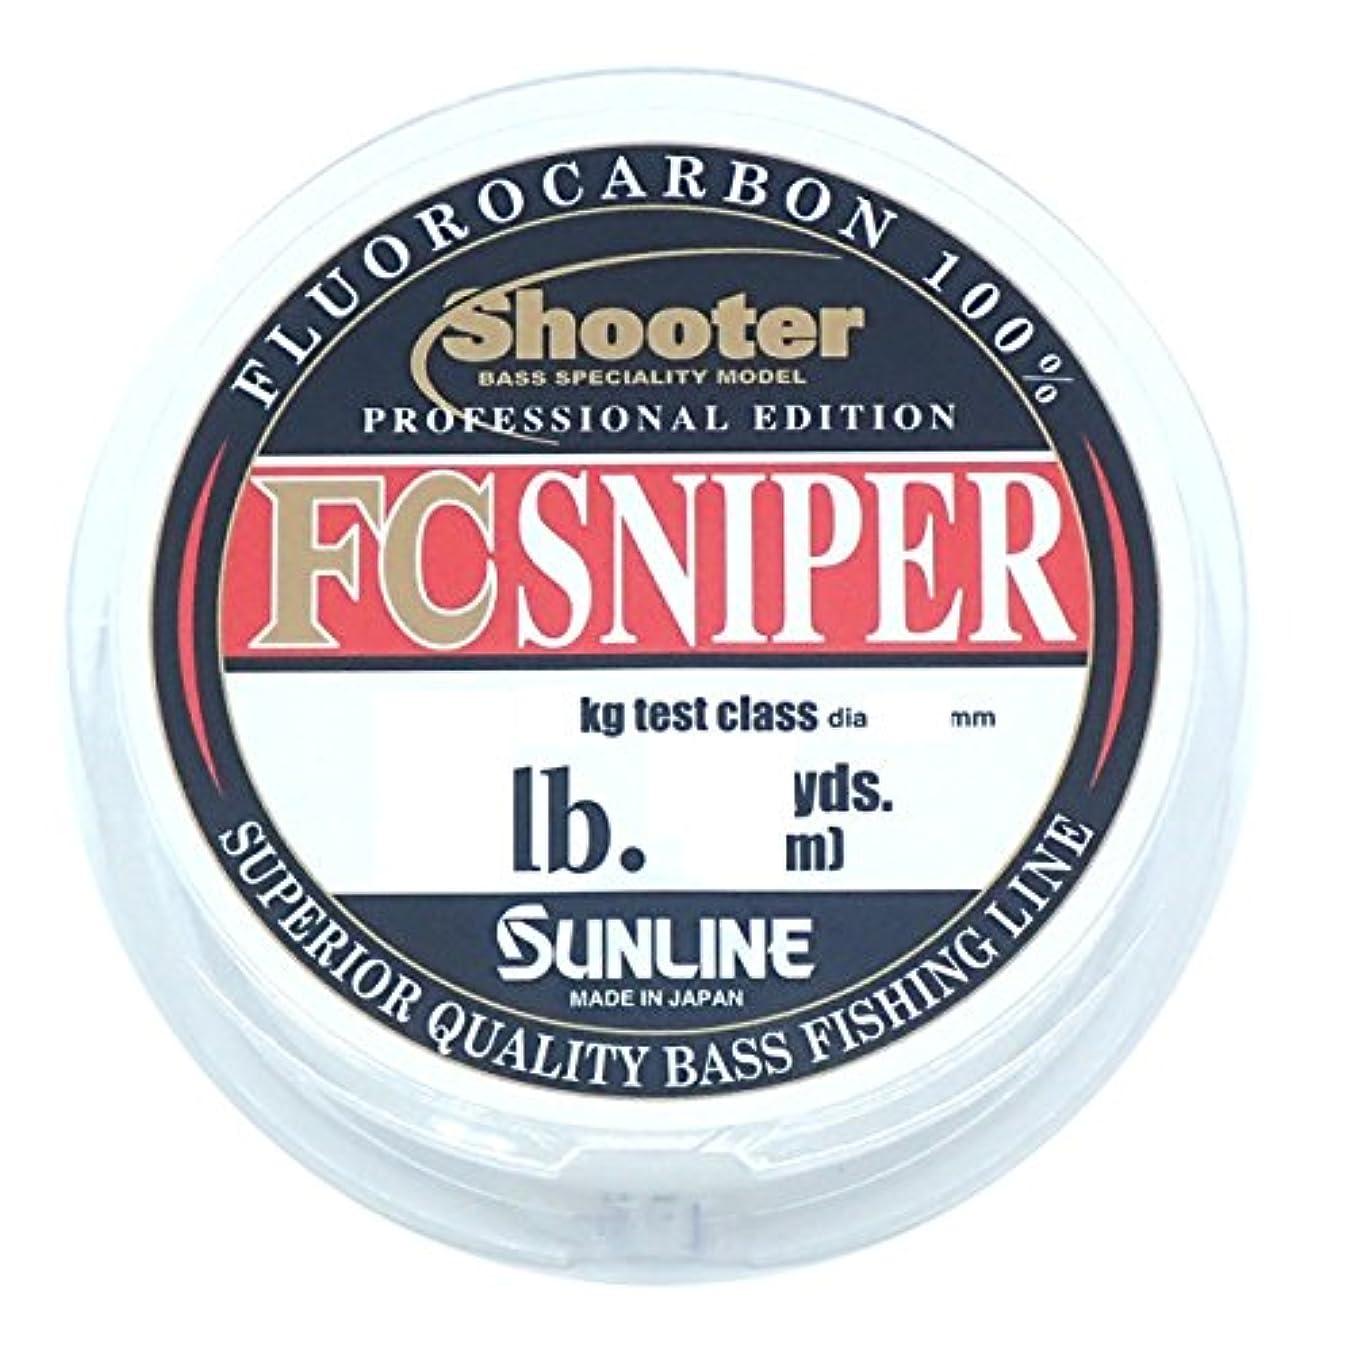 骨遊具困難SUNLINE/サンライン Shooter FC SNIPER/シューターFCスナイパー 100m 6-10lb